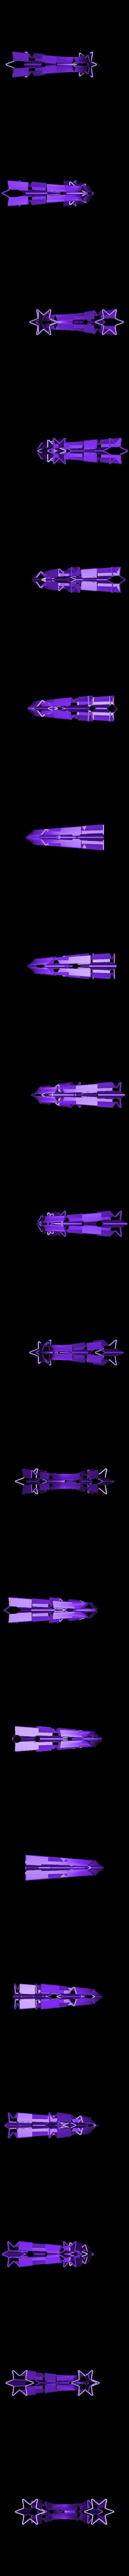 arcoiris_extr1.stl Télécharger fichier STL gratuit Calibrage de l'extrudeuse double • Objet à imprimer en 3D, saginau